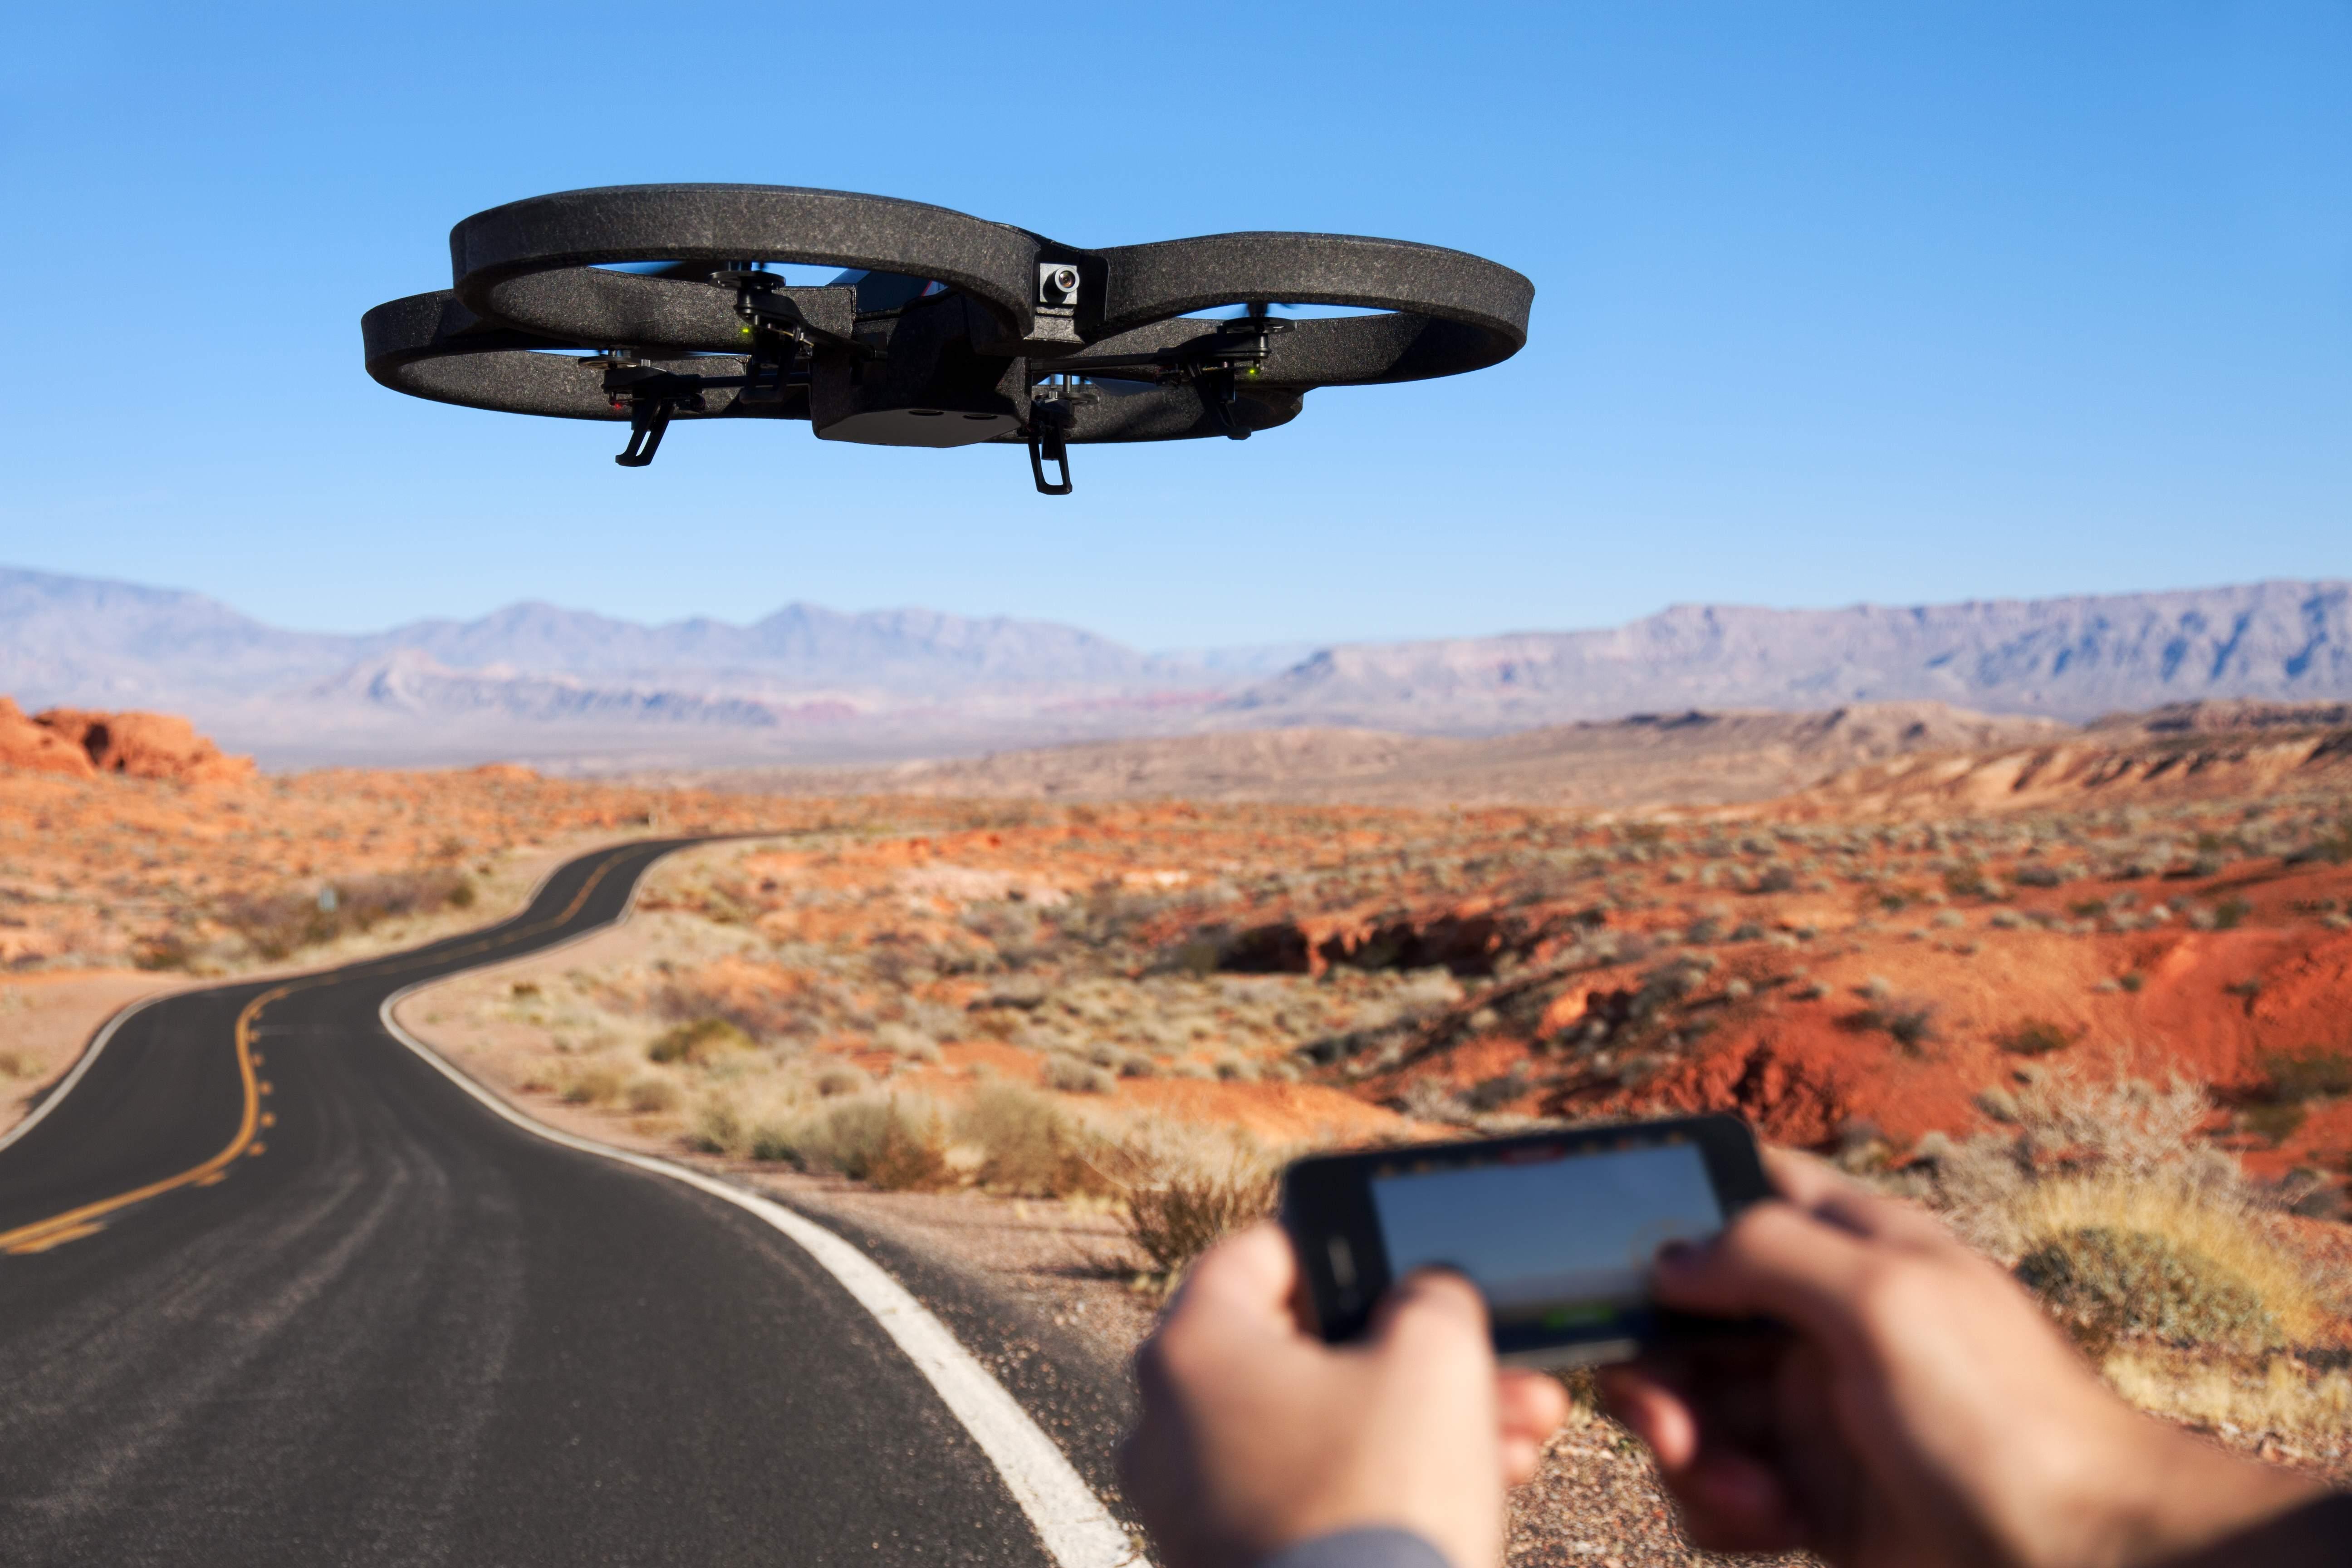 ар дрон в небе